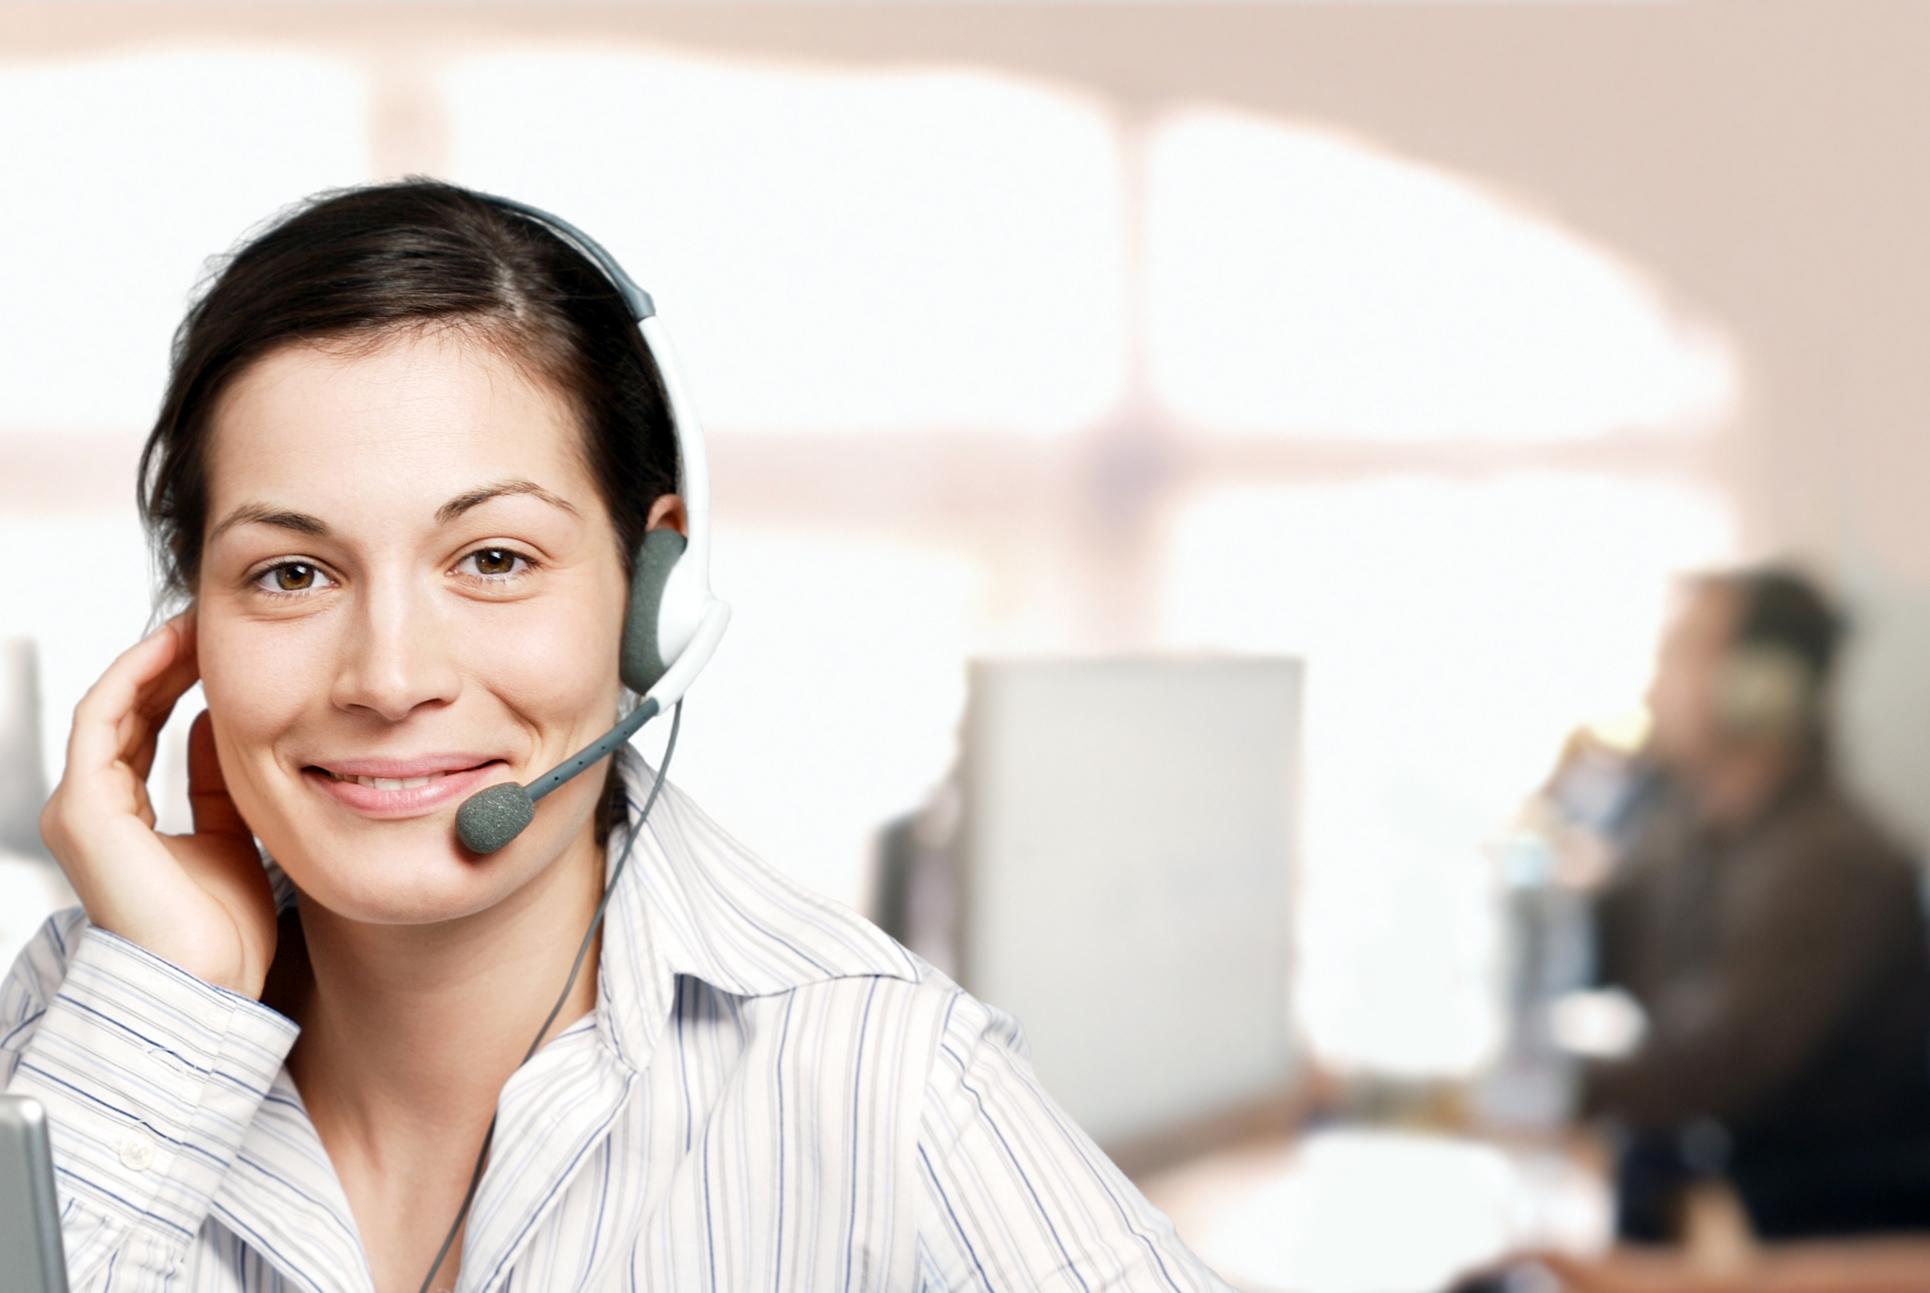 Accruent - Services & Support - Facilities Service Center - Hero